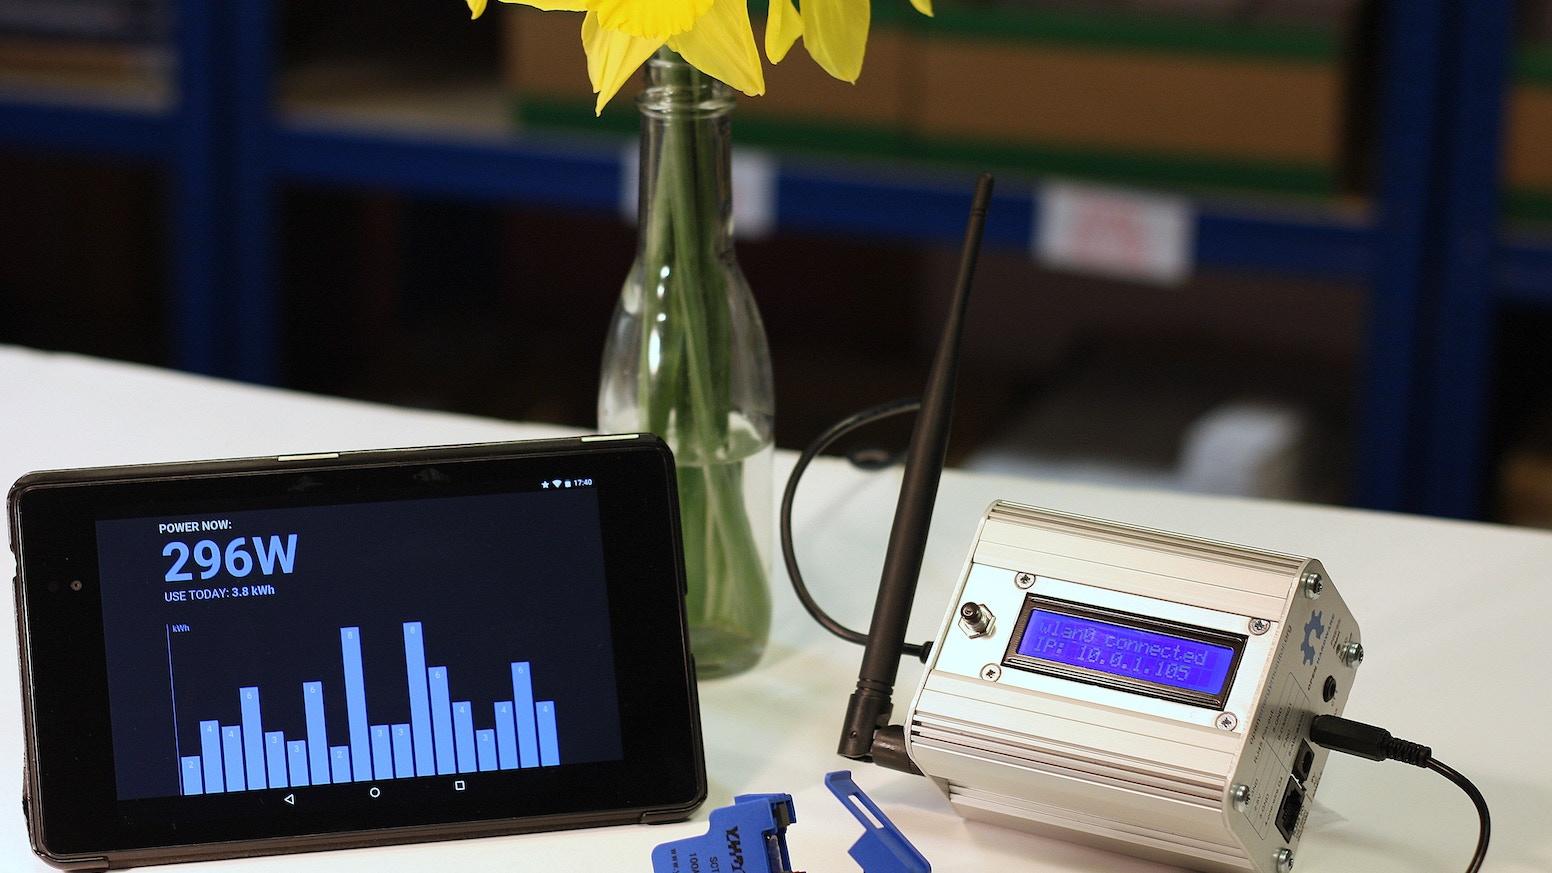 Emonpi open hardware raspberry pi based energy monitor by